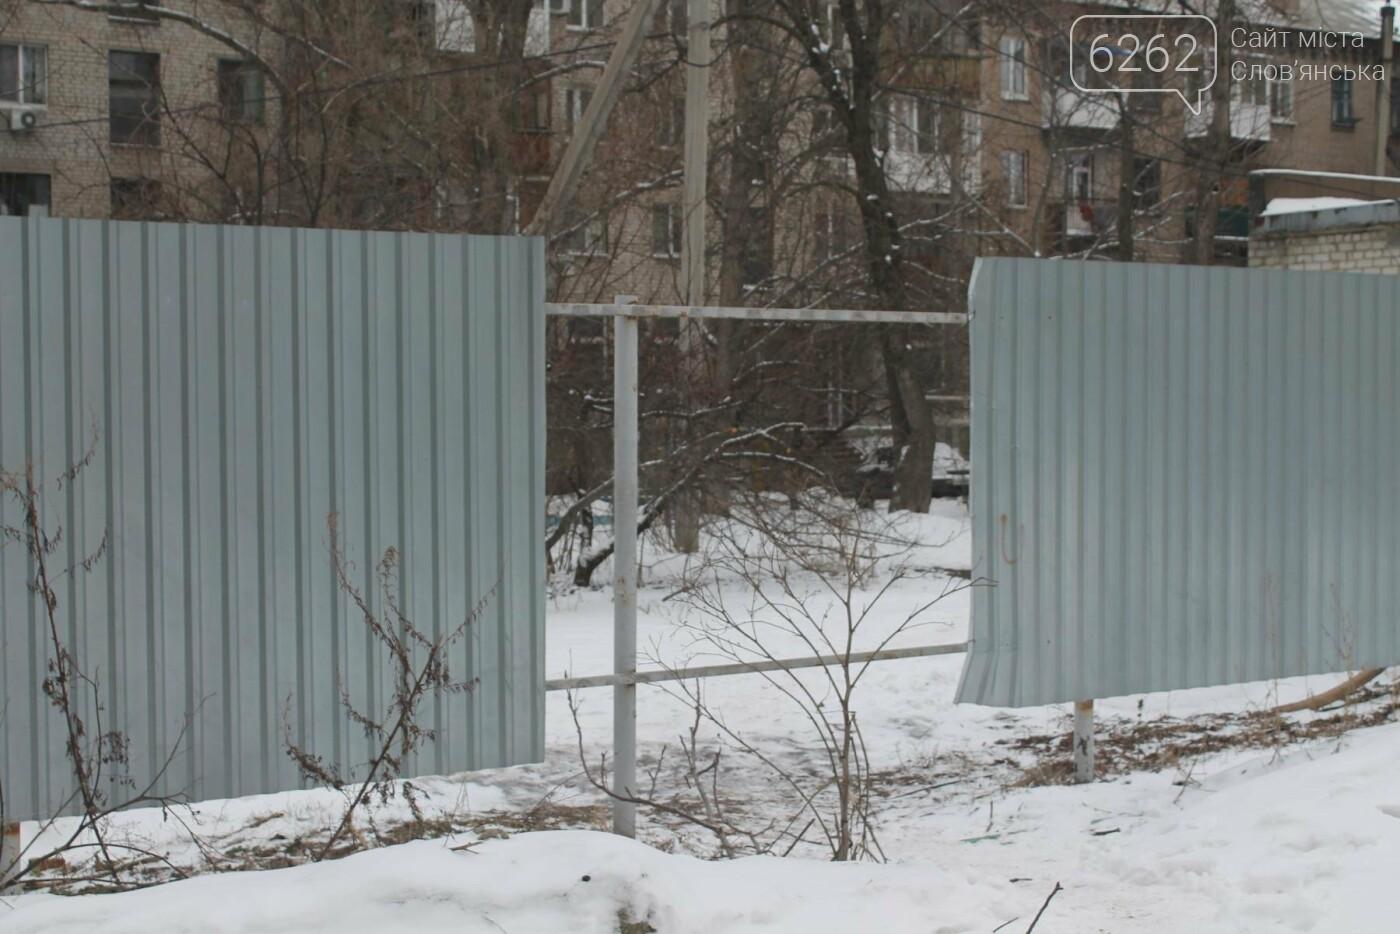 Вход в недострой в центре Славянска планируют заложить кирпичом , фото-2